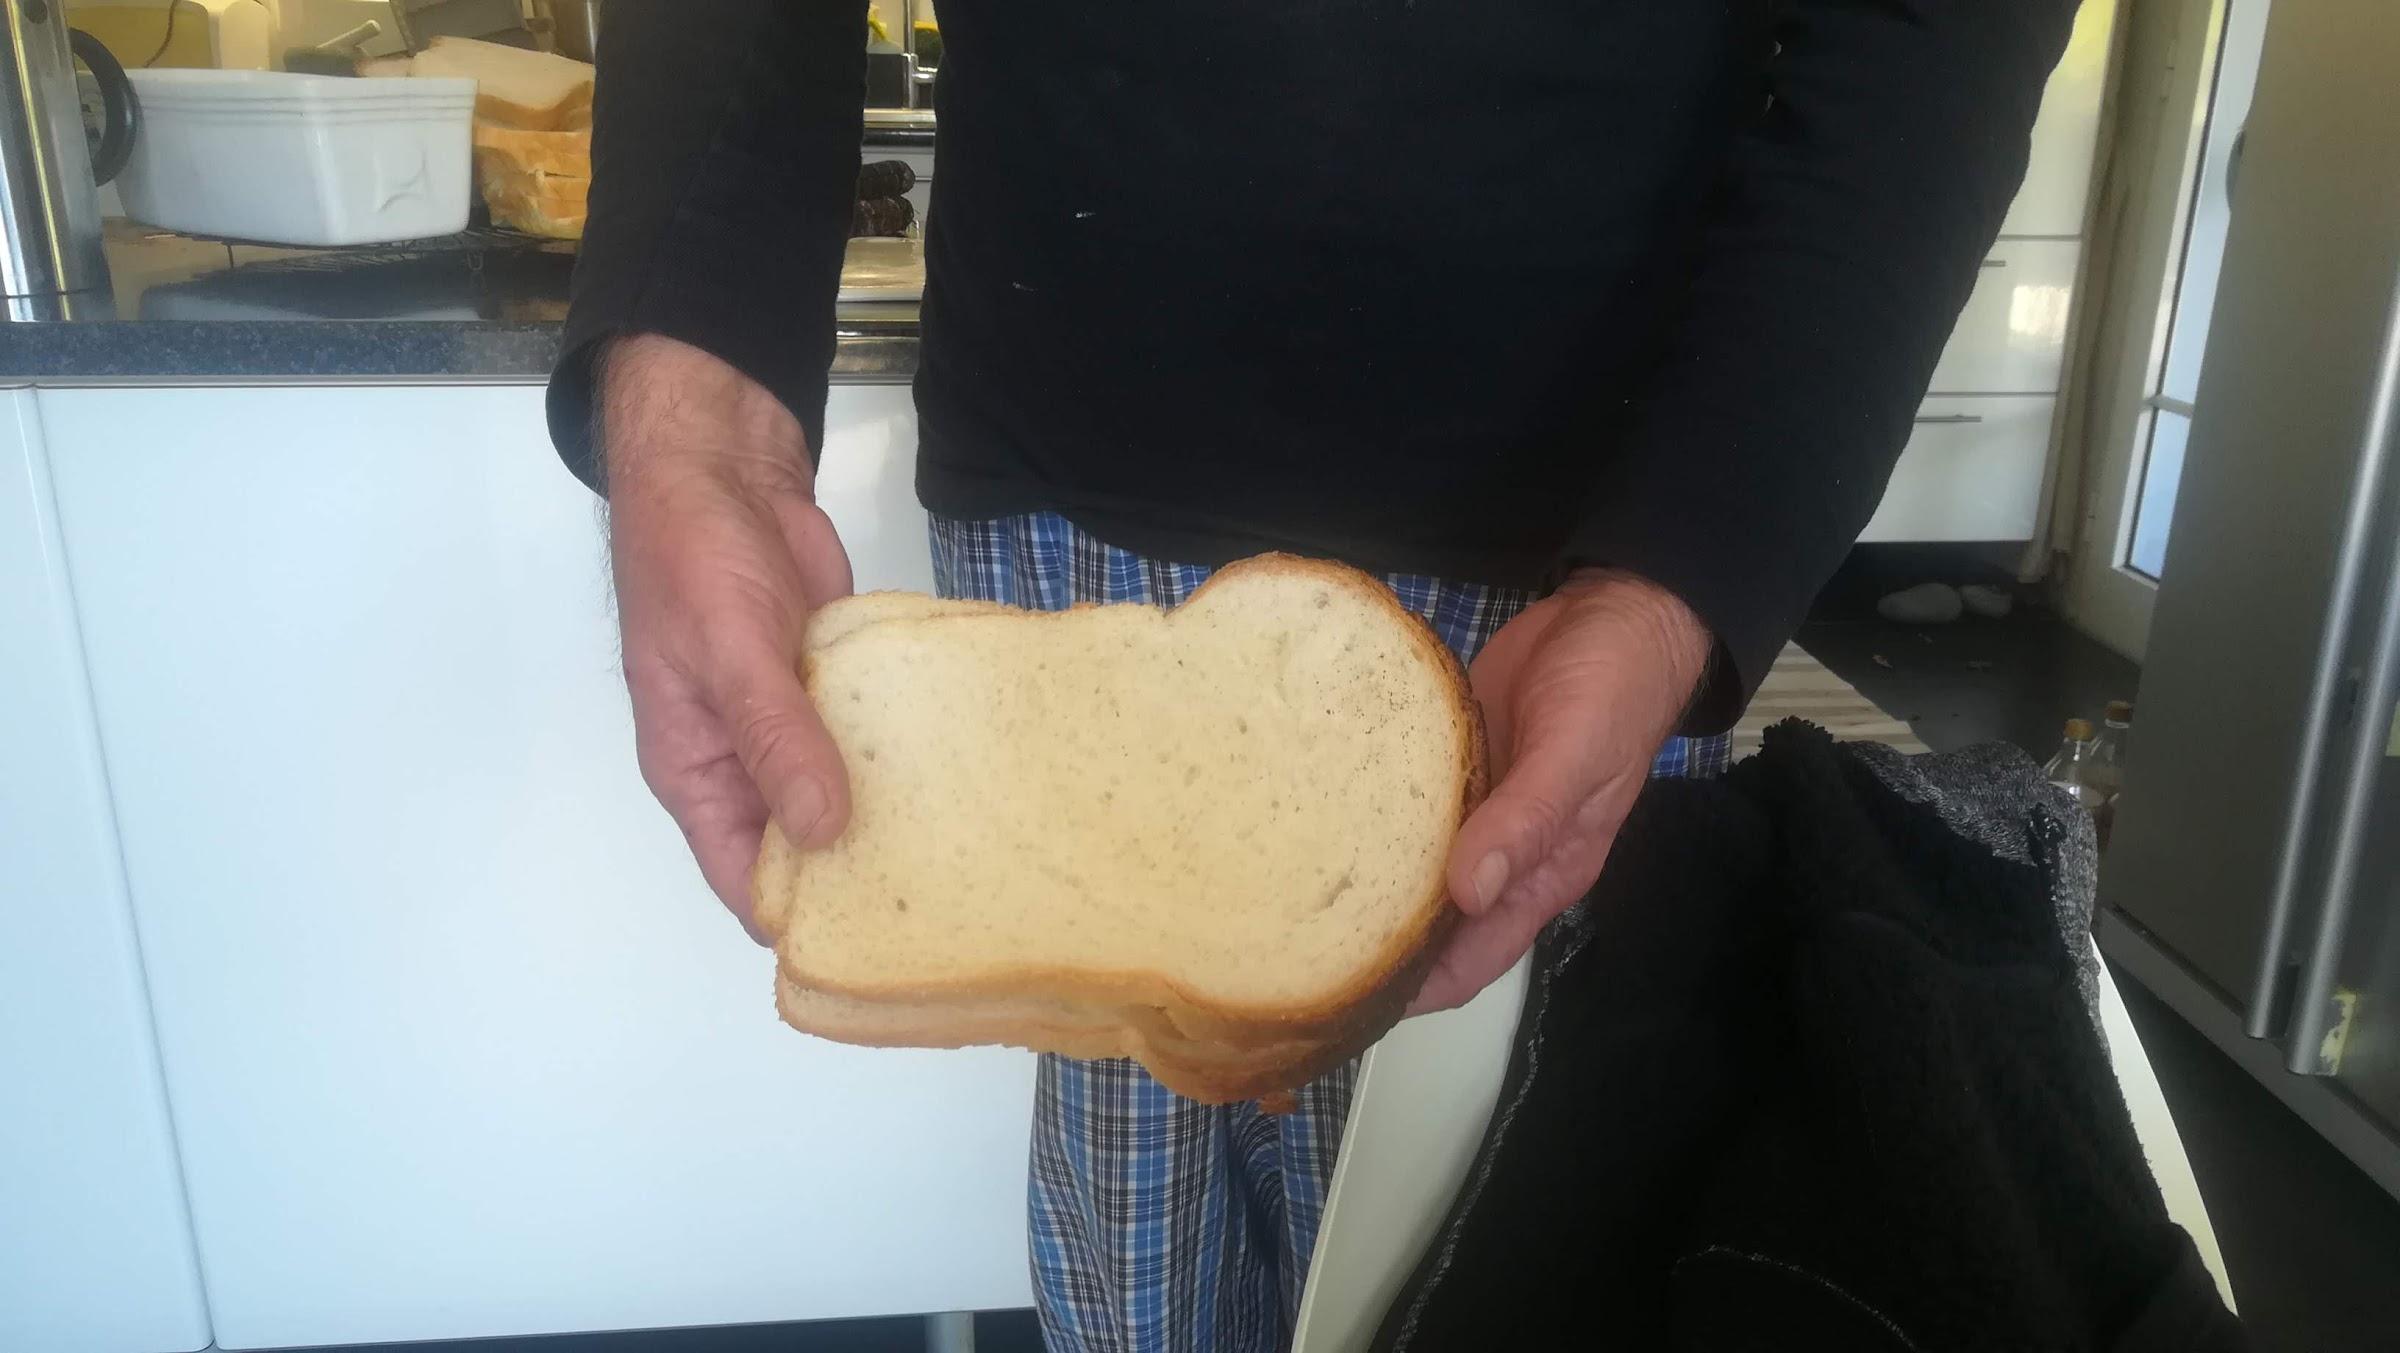 enormous slice!